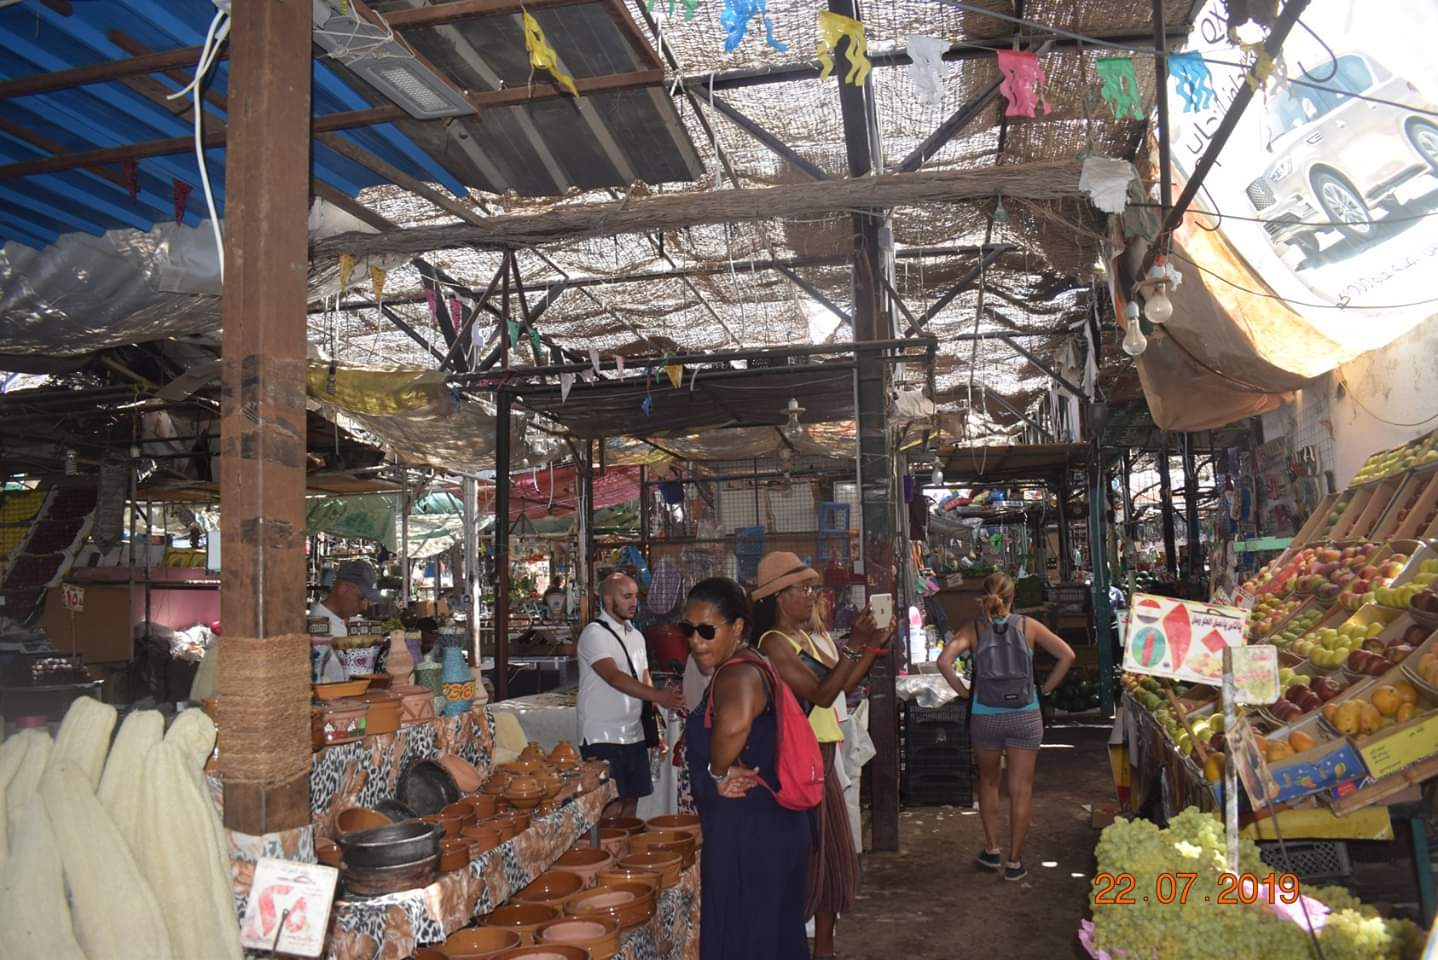 الوفود السياحية تزور سوق الخضار بالغردقة (1)